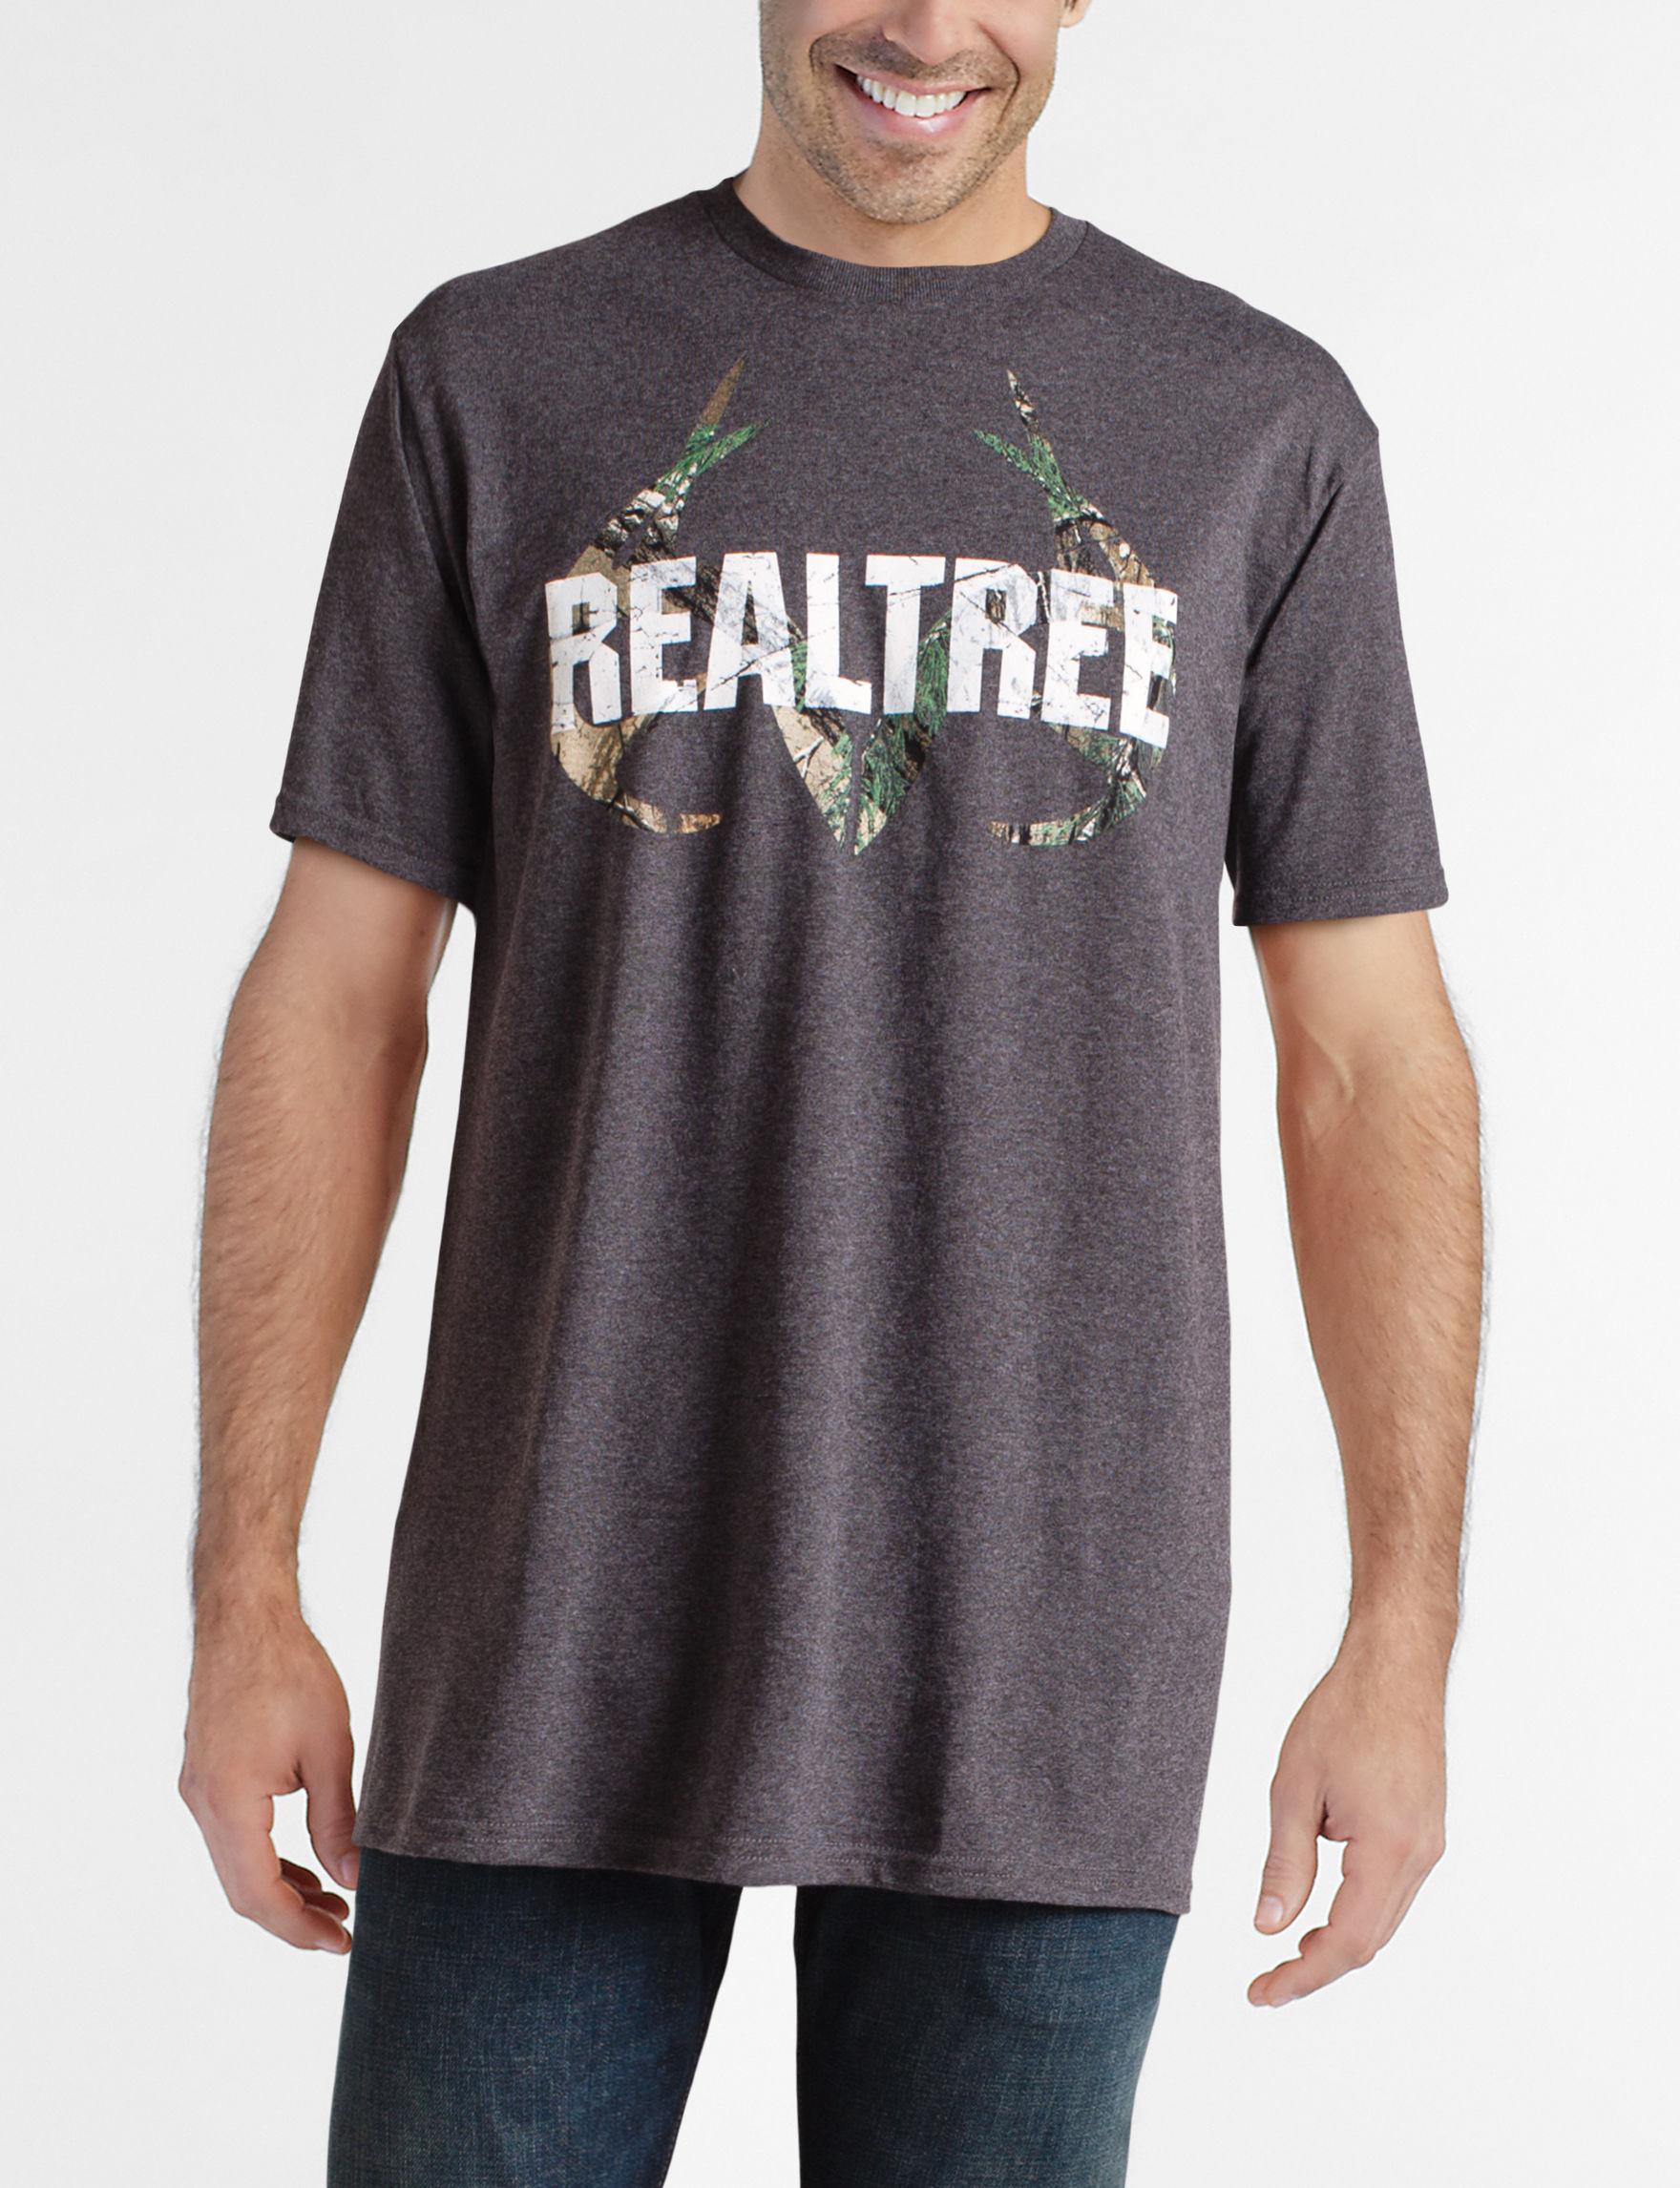 Realtree Grey Tees & Tanks